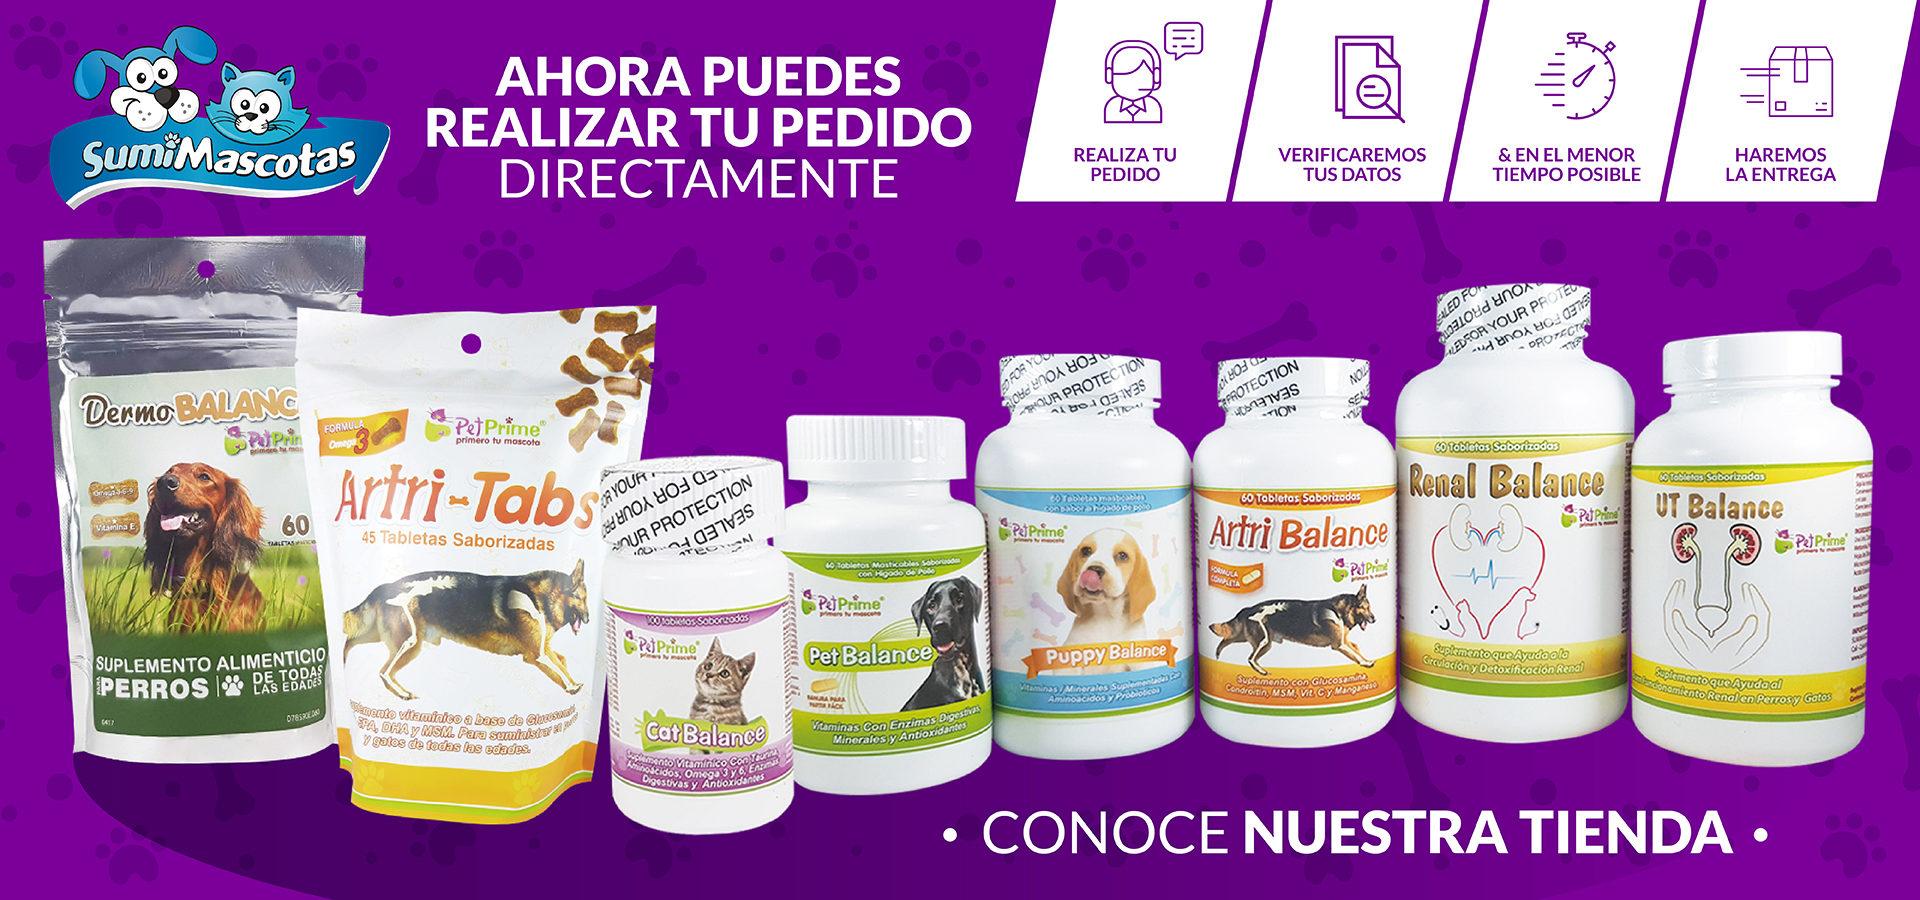 http://sumimascotas.com/wp-content/uploads/2018/08/Porpuesta-web-2-05-1920x900.jpg